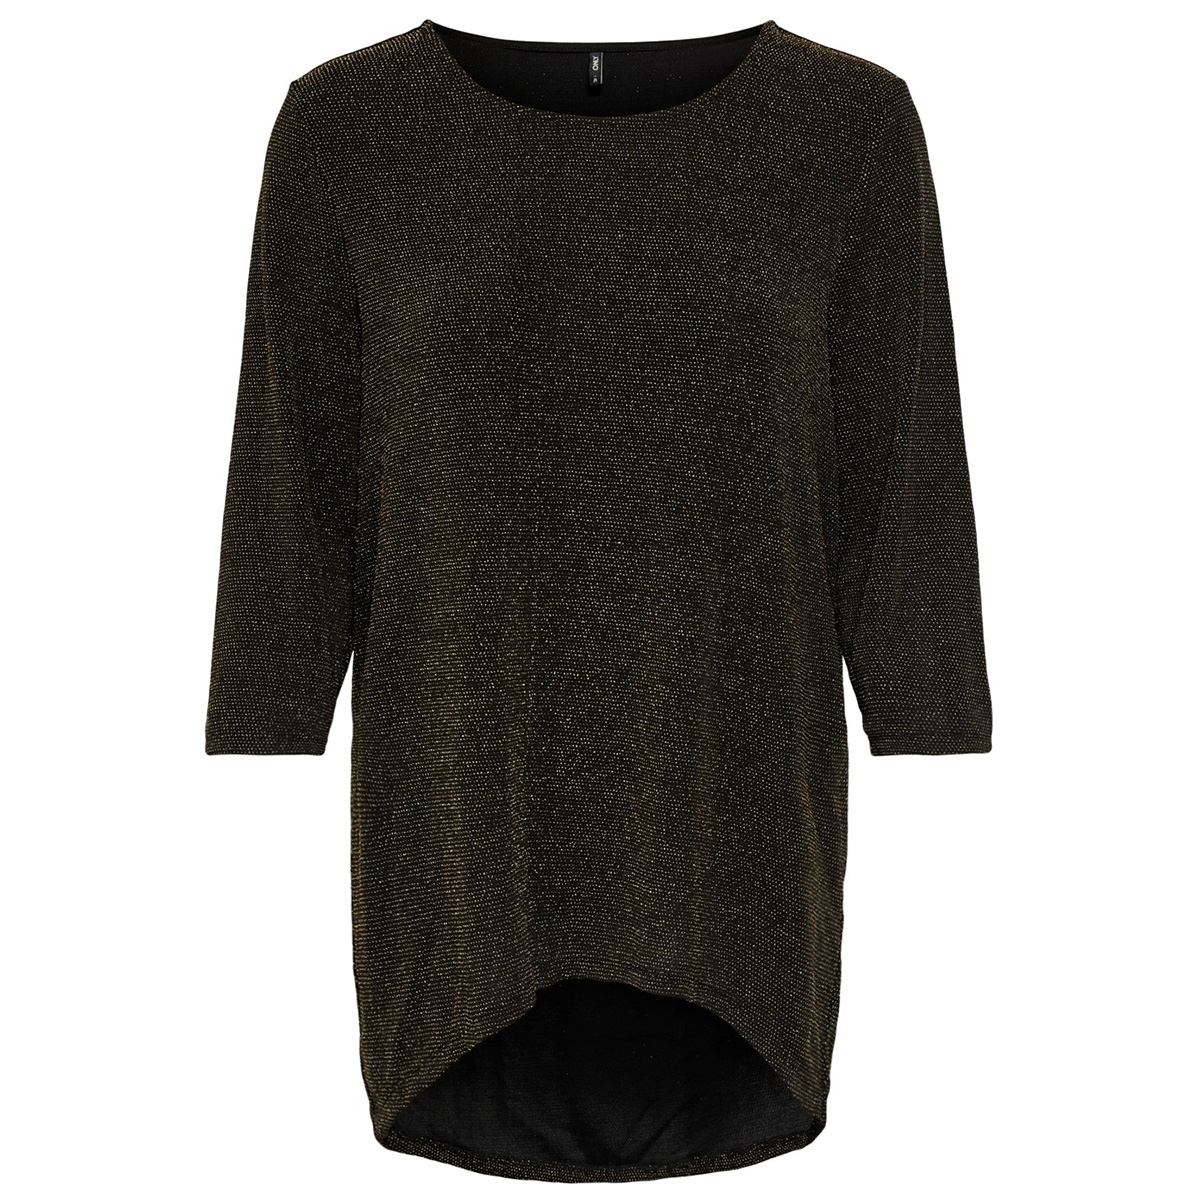 onlqueen elcos 3/4 glitter  top jrs 15195551 only t-shirt black/gold lurex